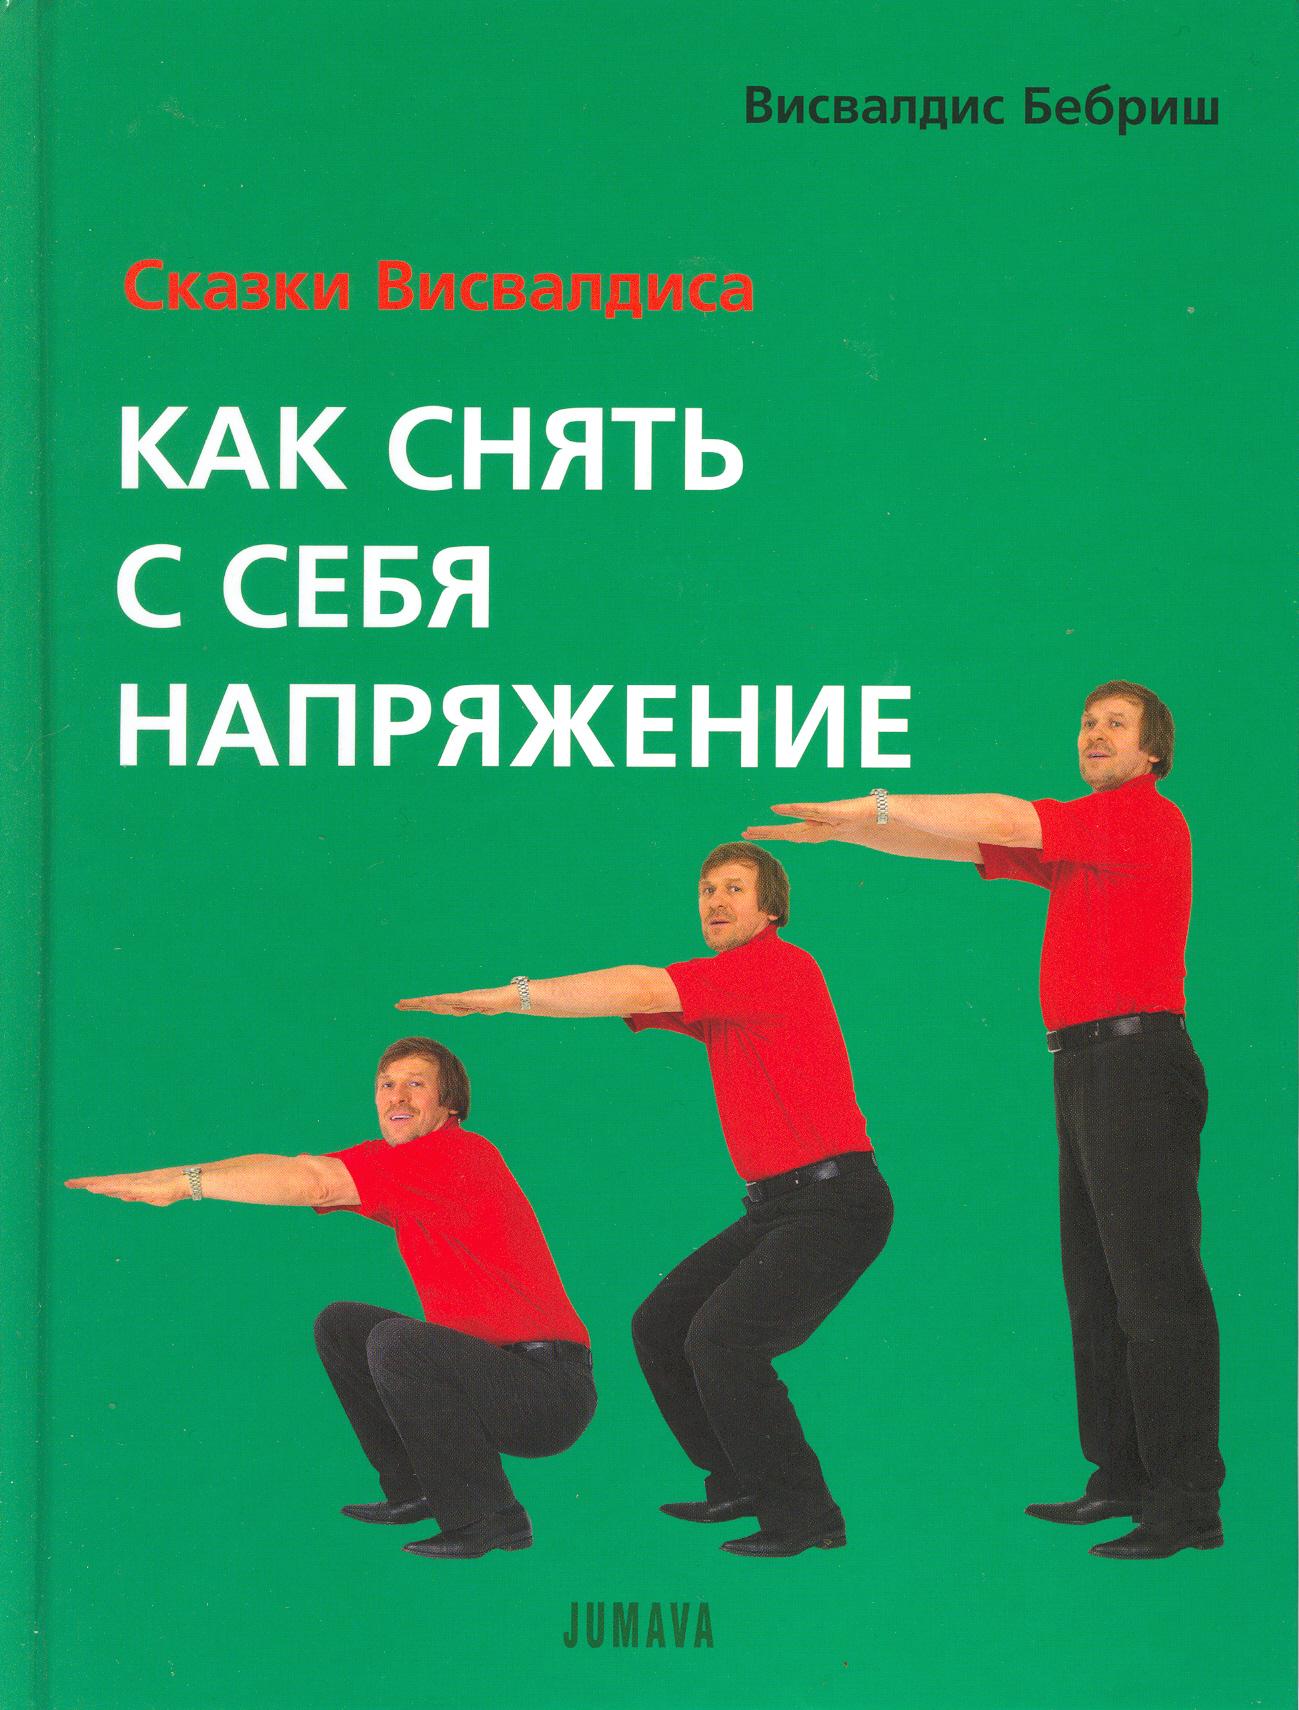 """книга врача кинезиолога """"как снять с себя напряжение"""""""